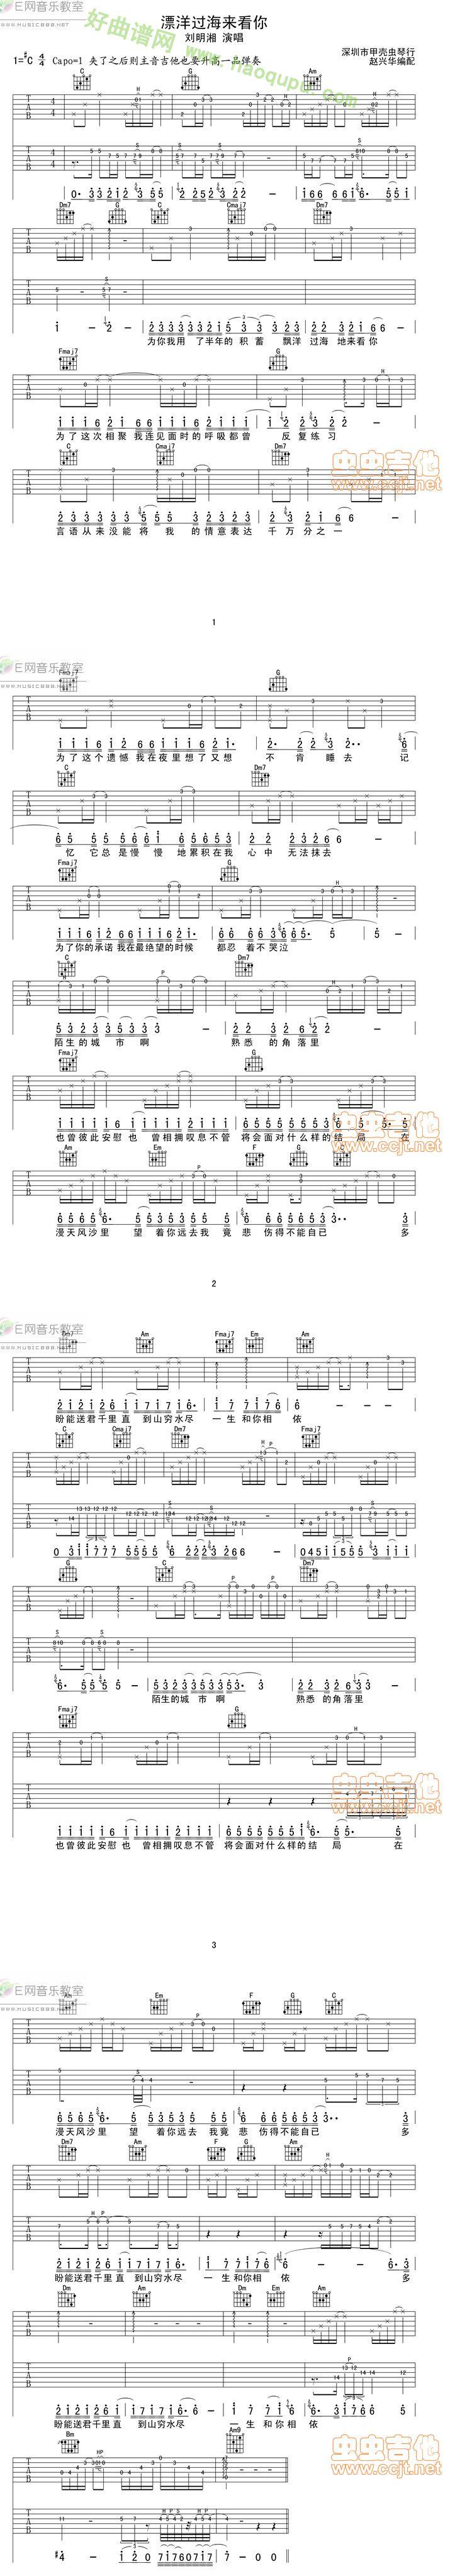 李宗盛演唱) - 吉他谱